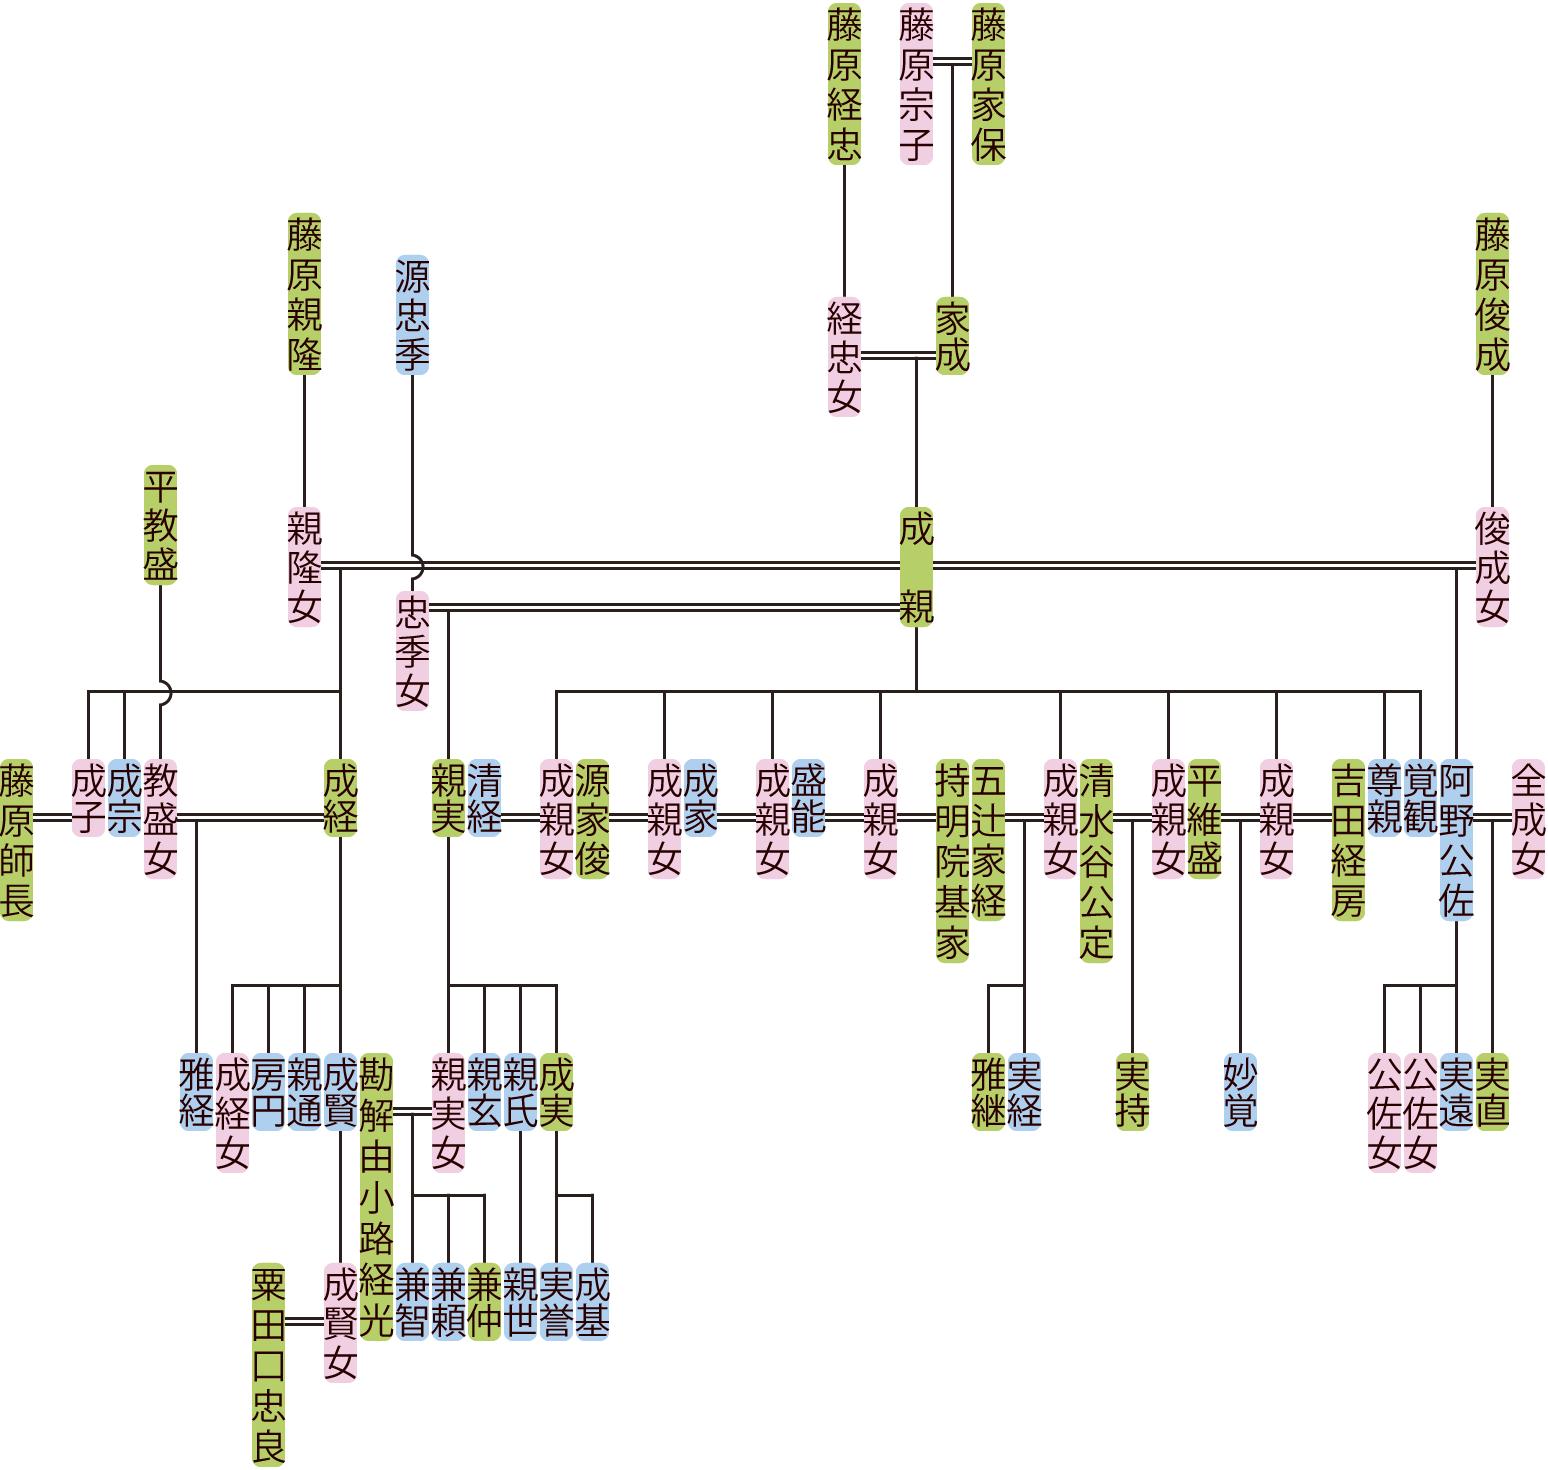 藤原成親の系図